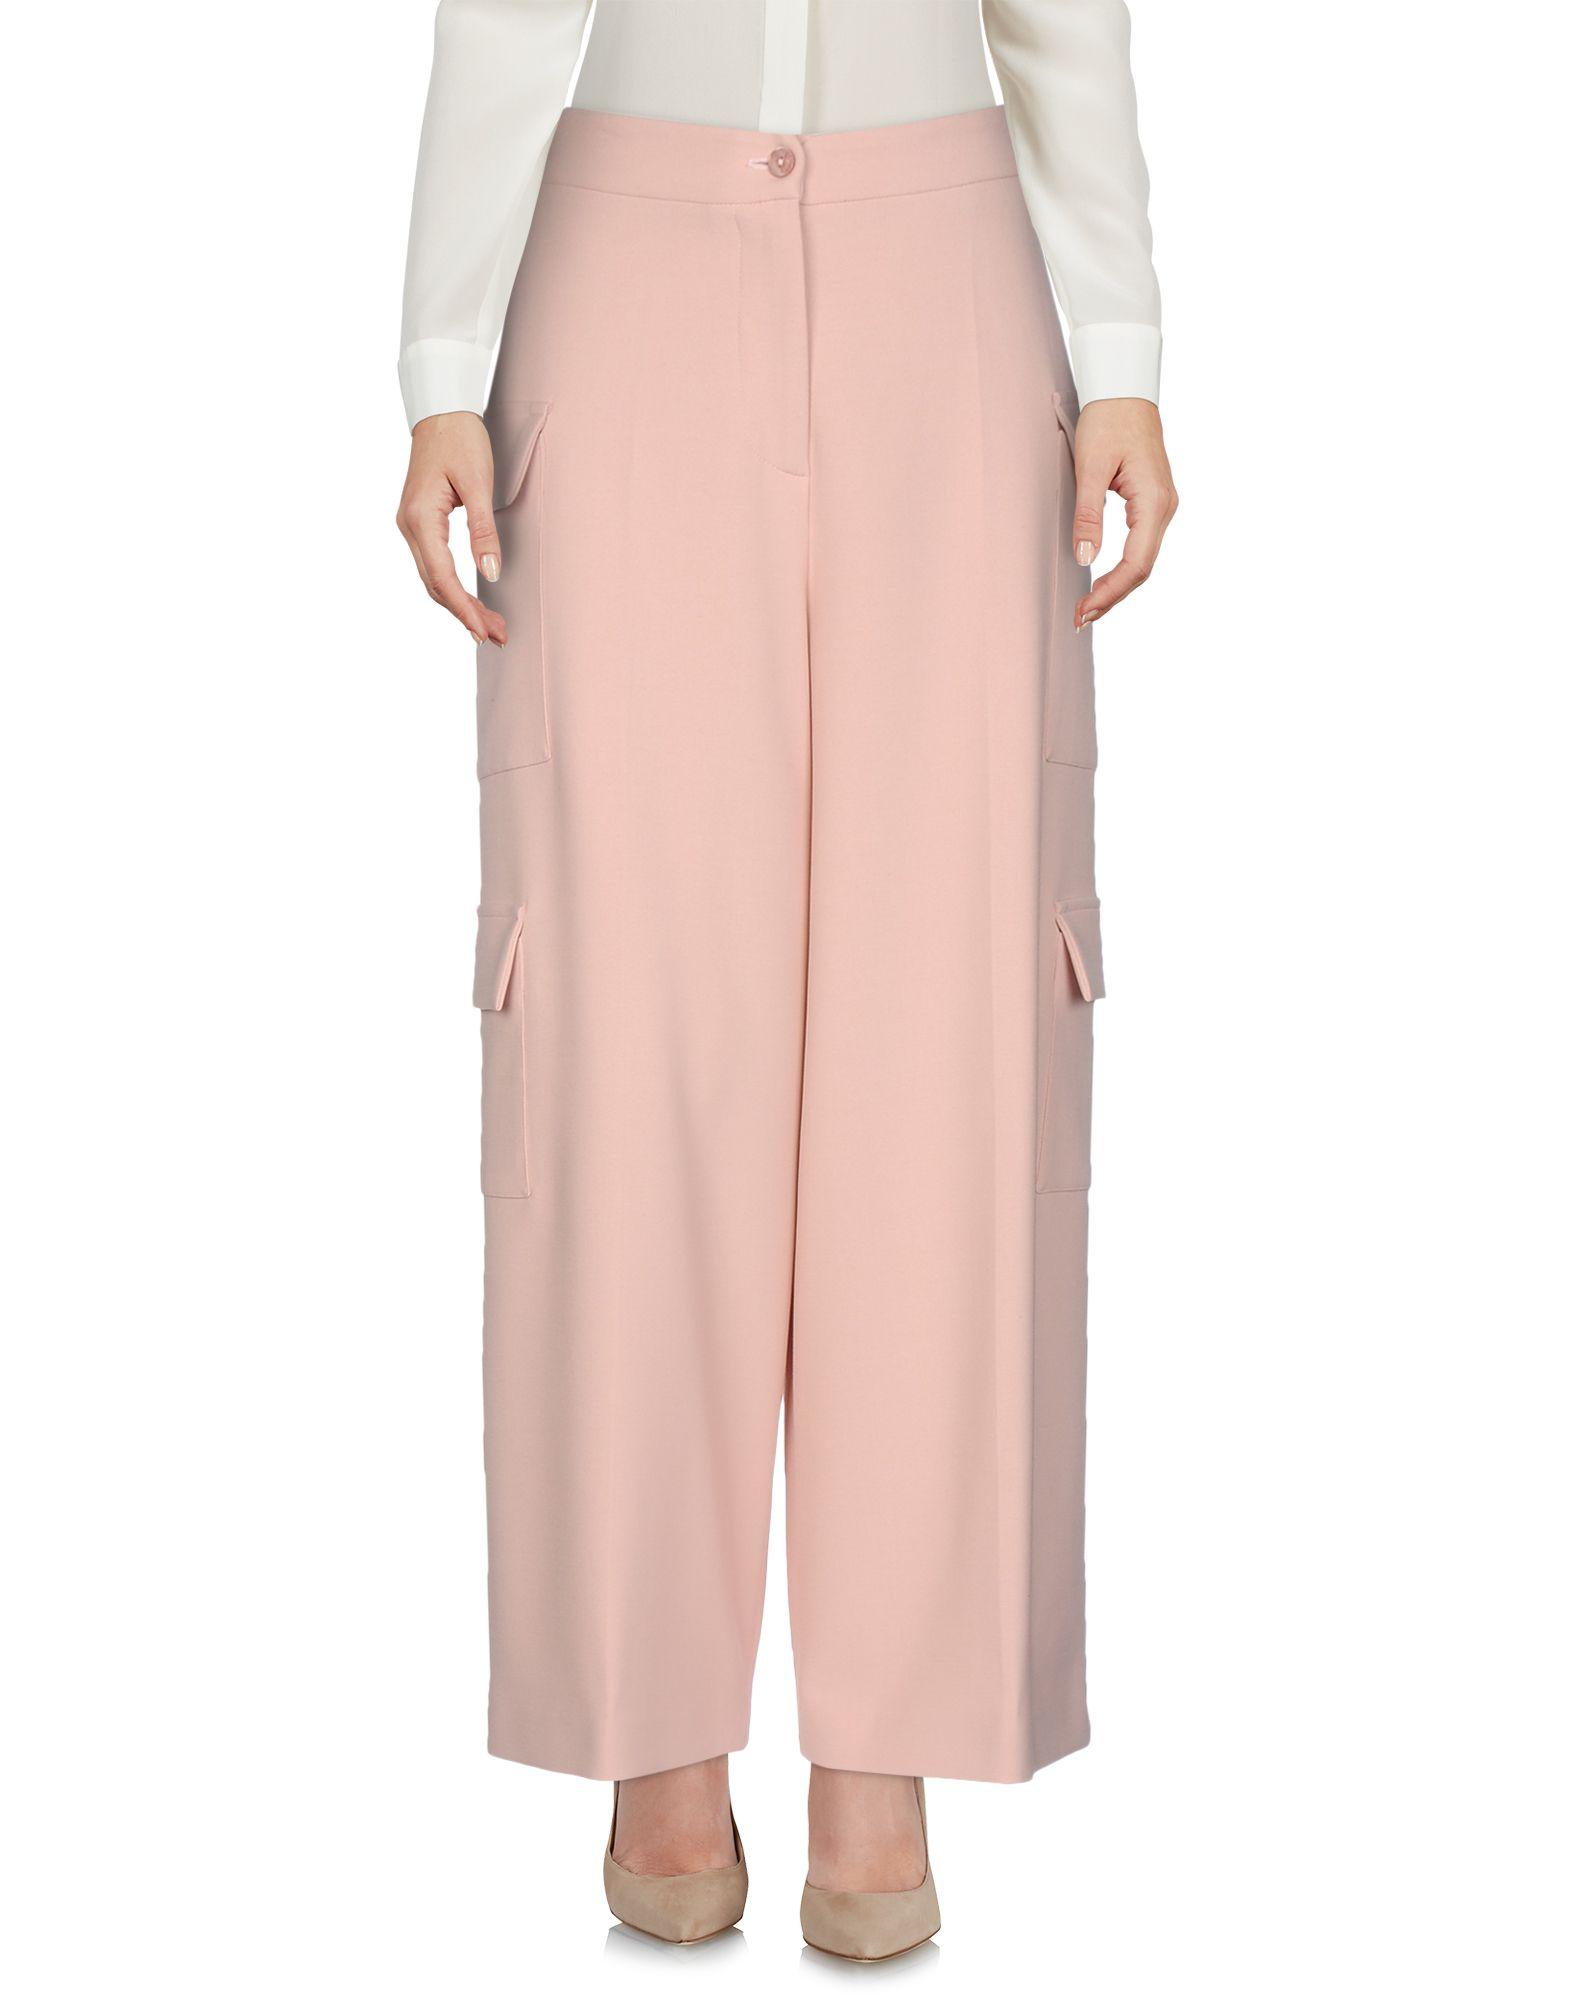 Pantalon VivettaAcheter Ligne Femme En by7Y6gvf